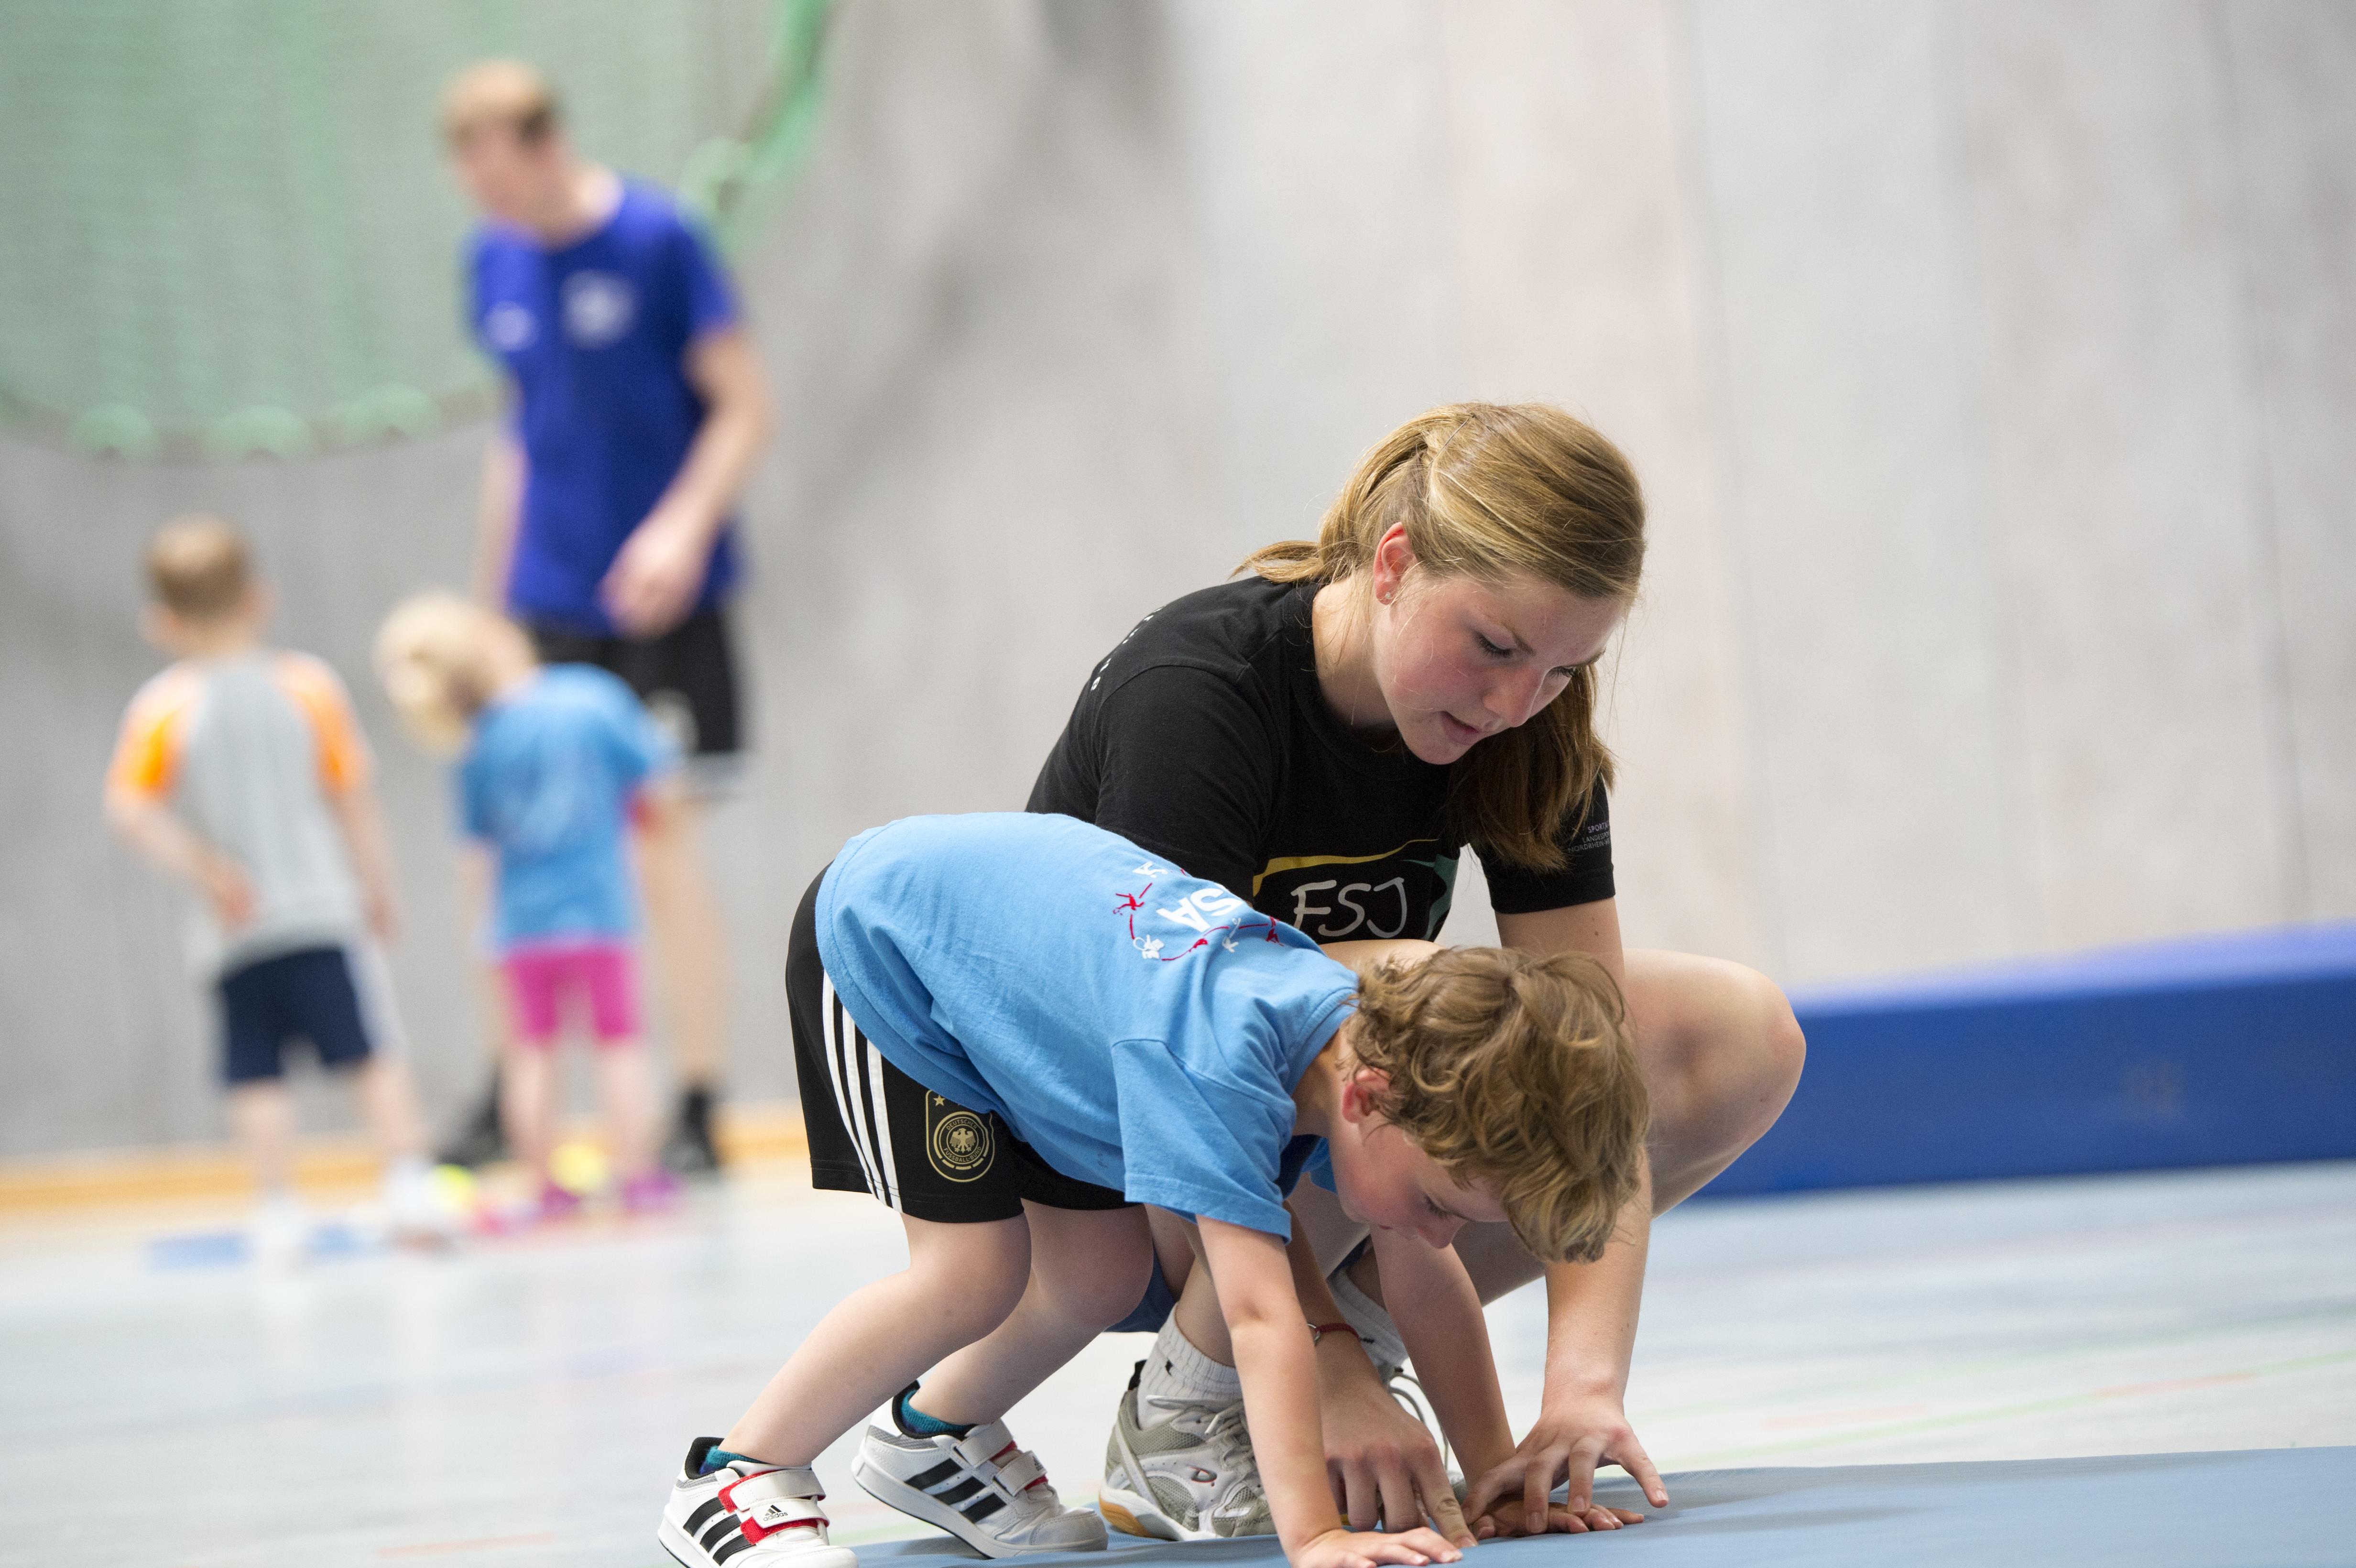 Ehrenamtliches und freiwilliges Engagement im Sport